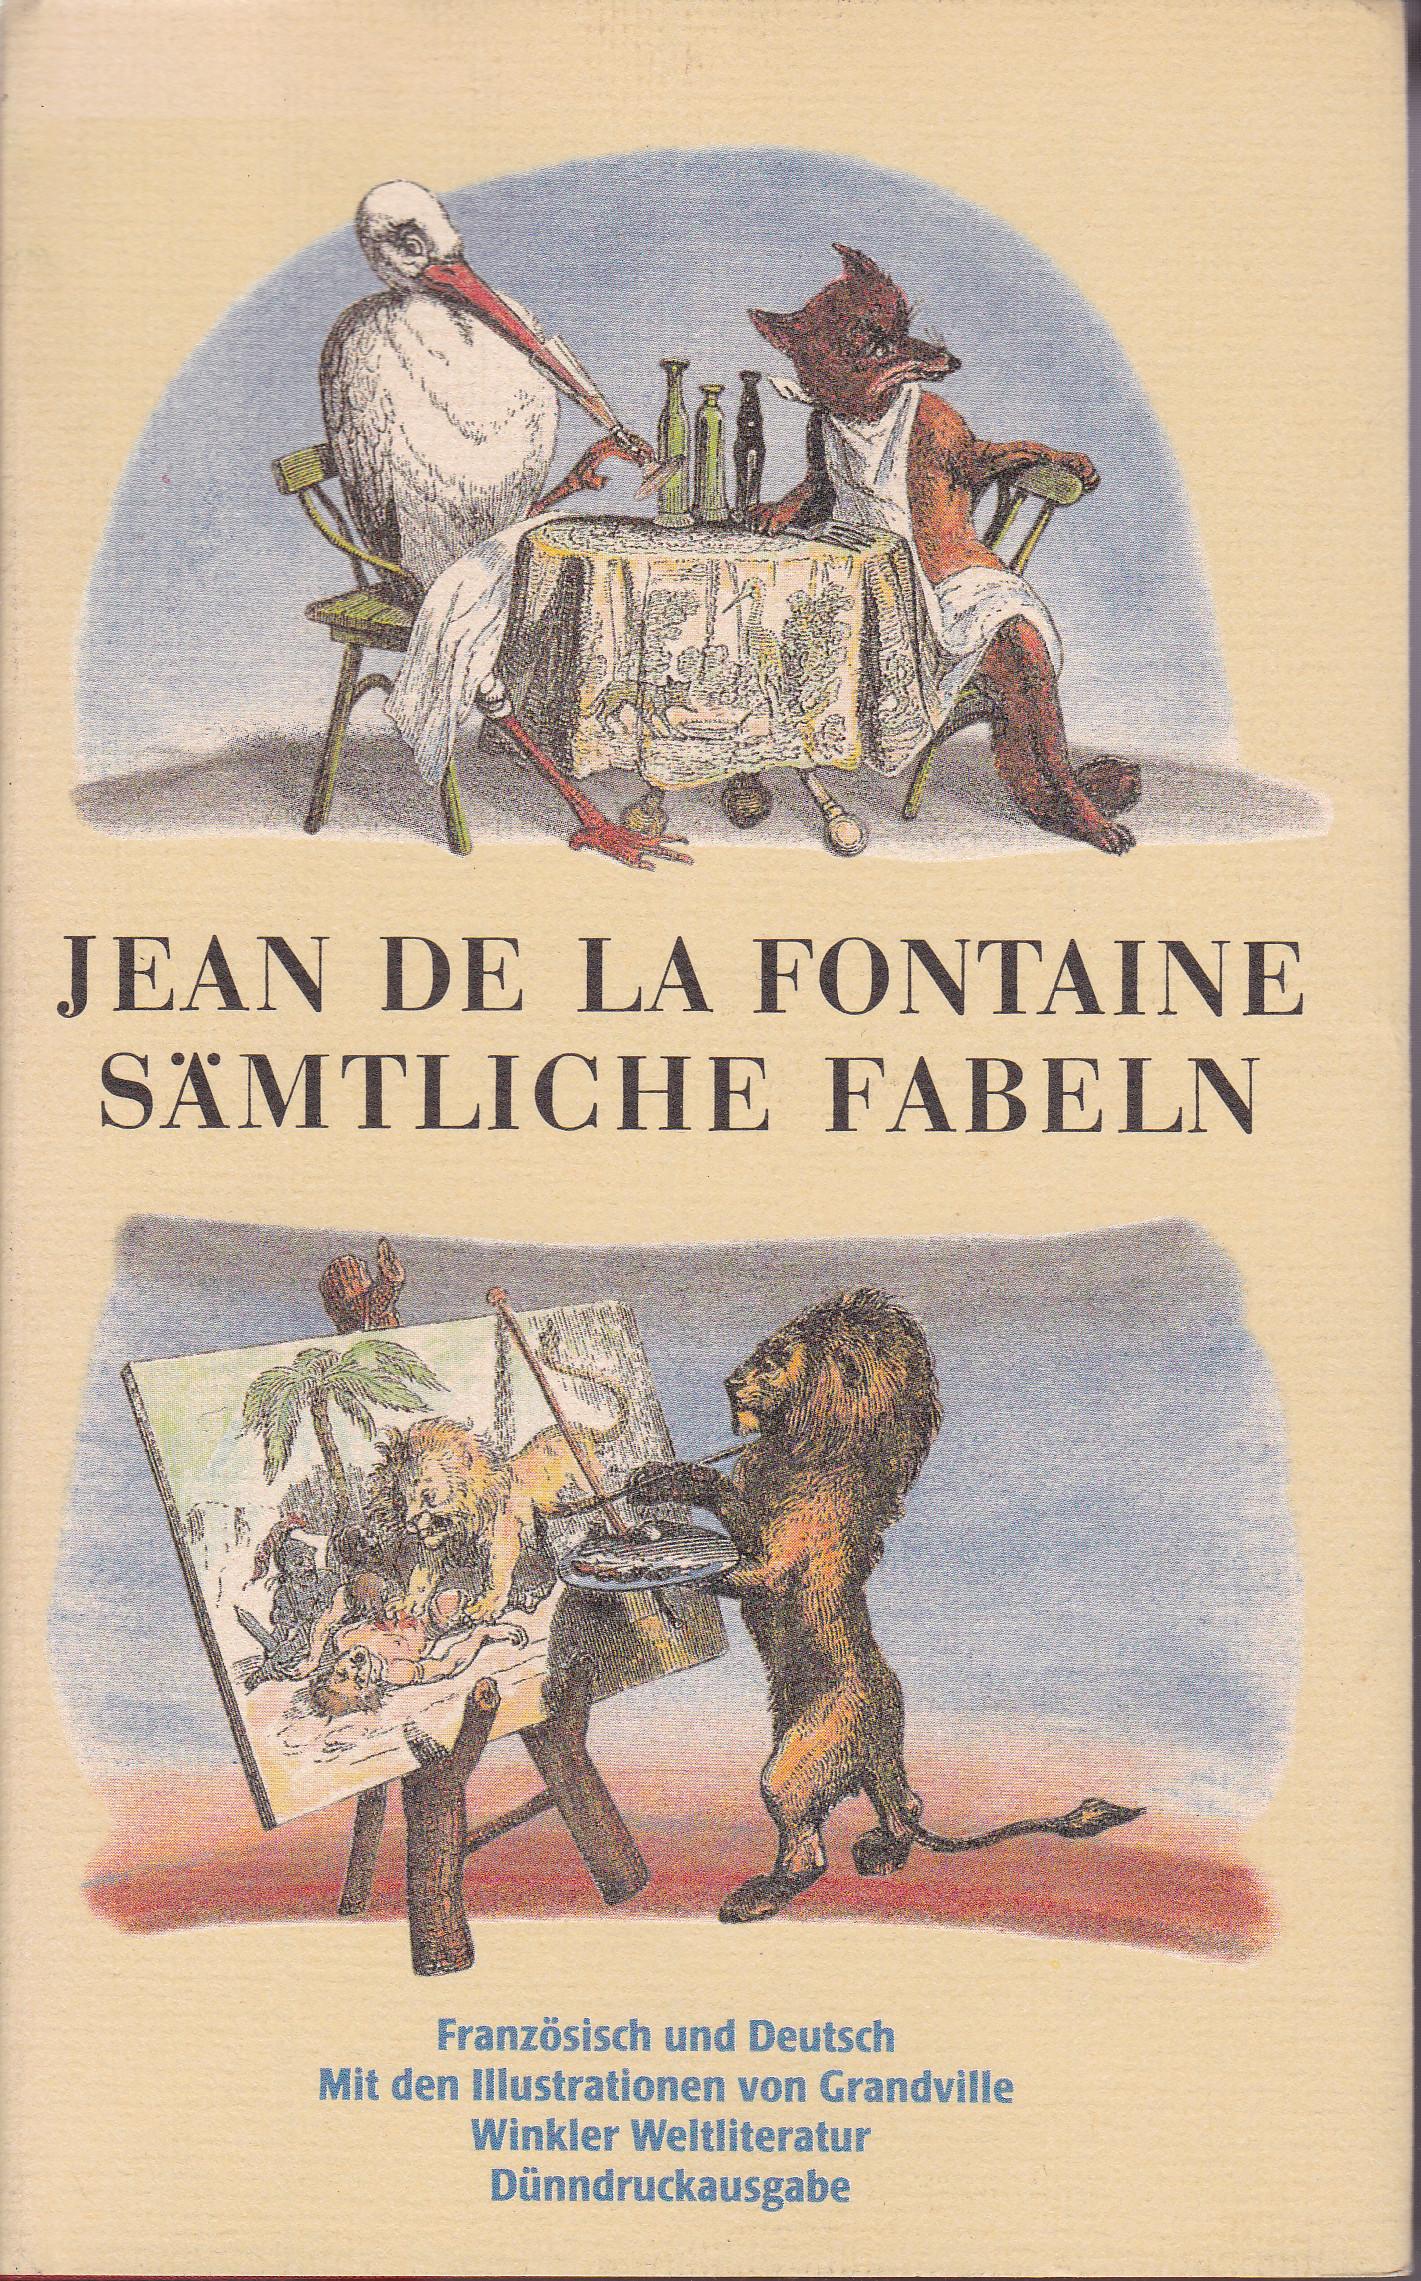 Sämtliche Fabeln - Französisch und Deutsch: Fontaine, Jean de